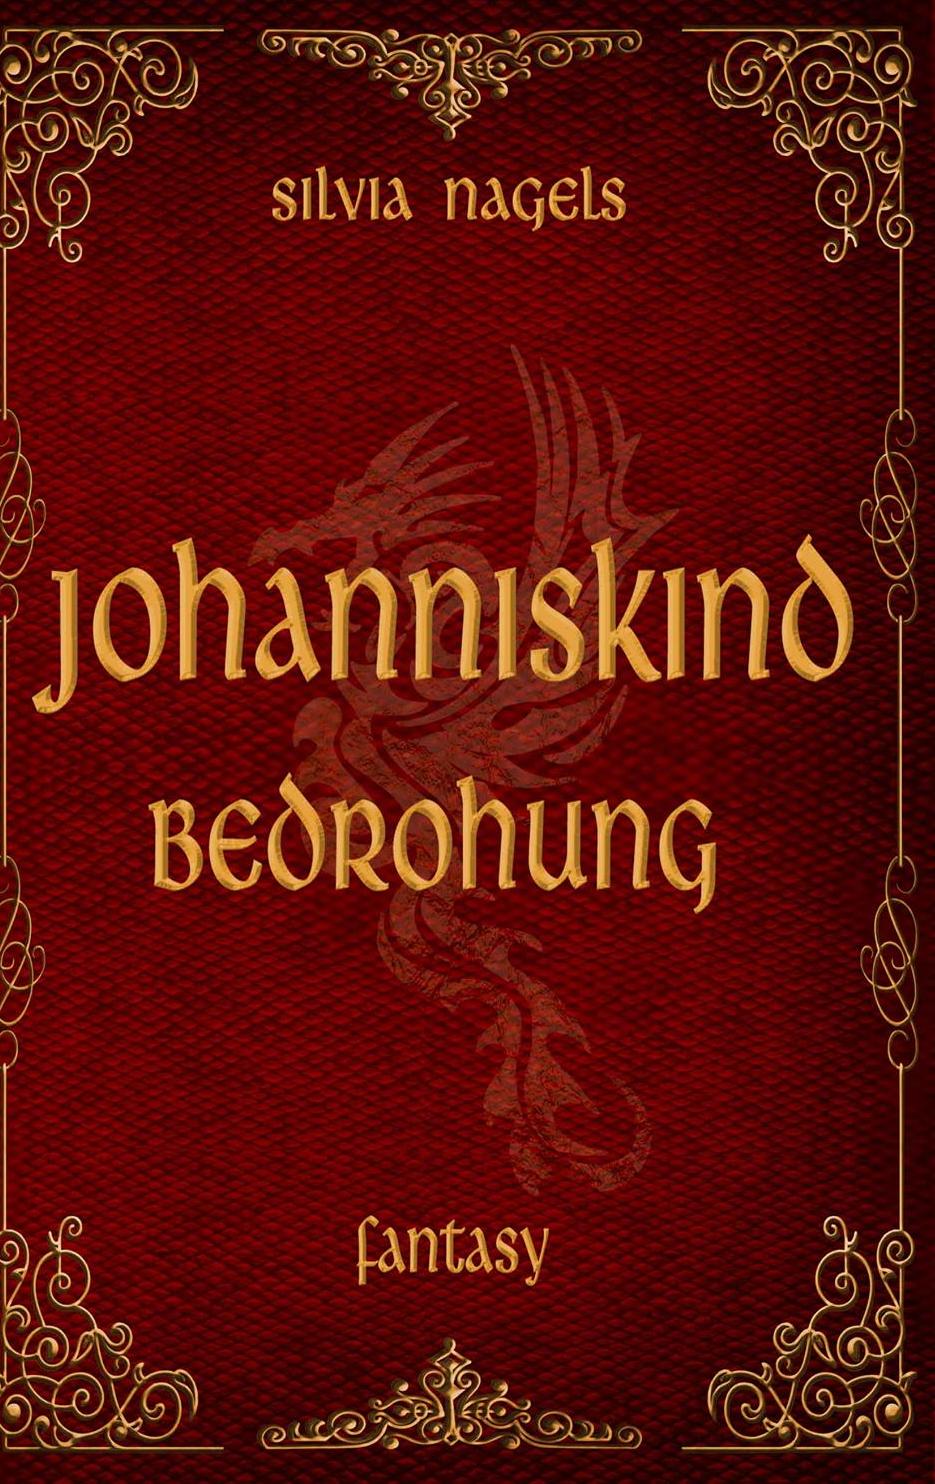 Johanniskind 23.6.2017